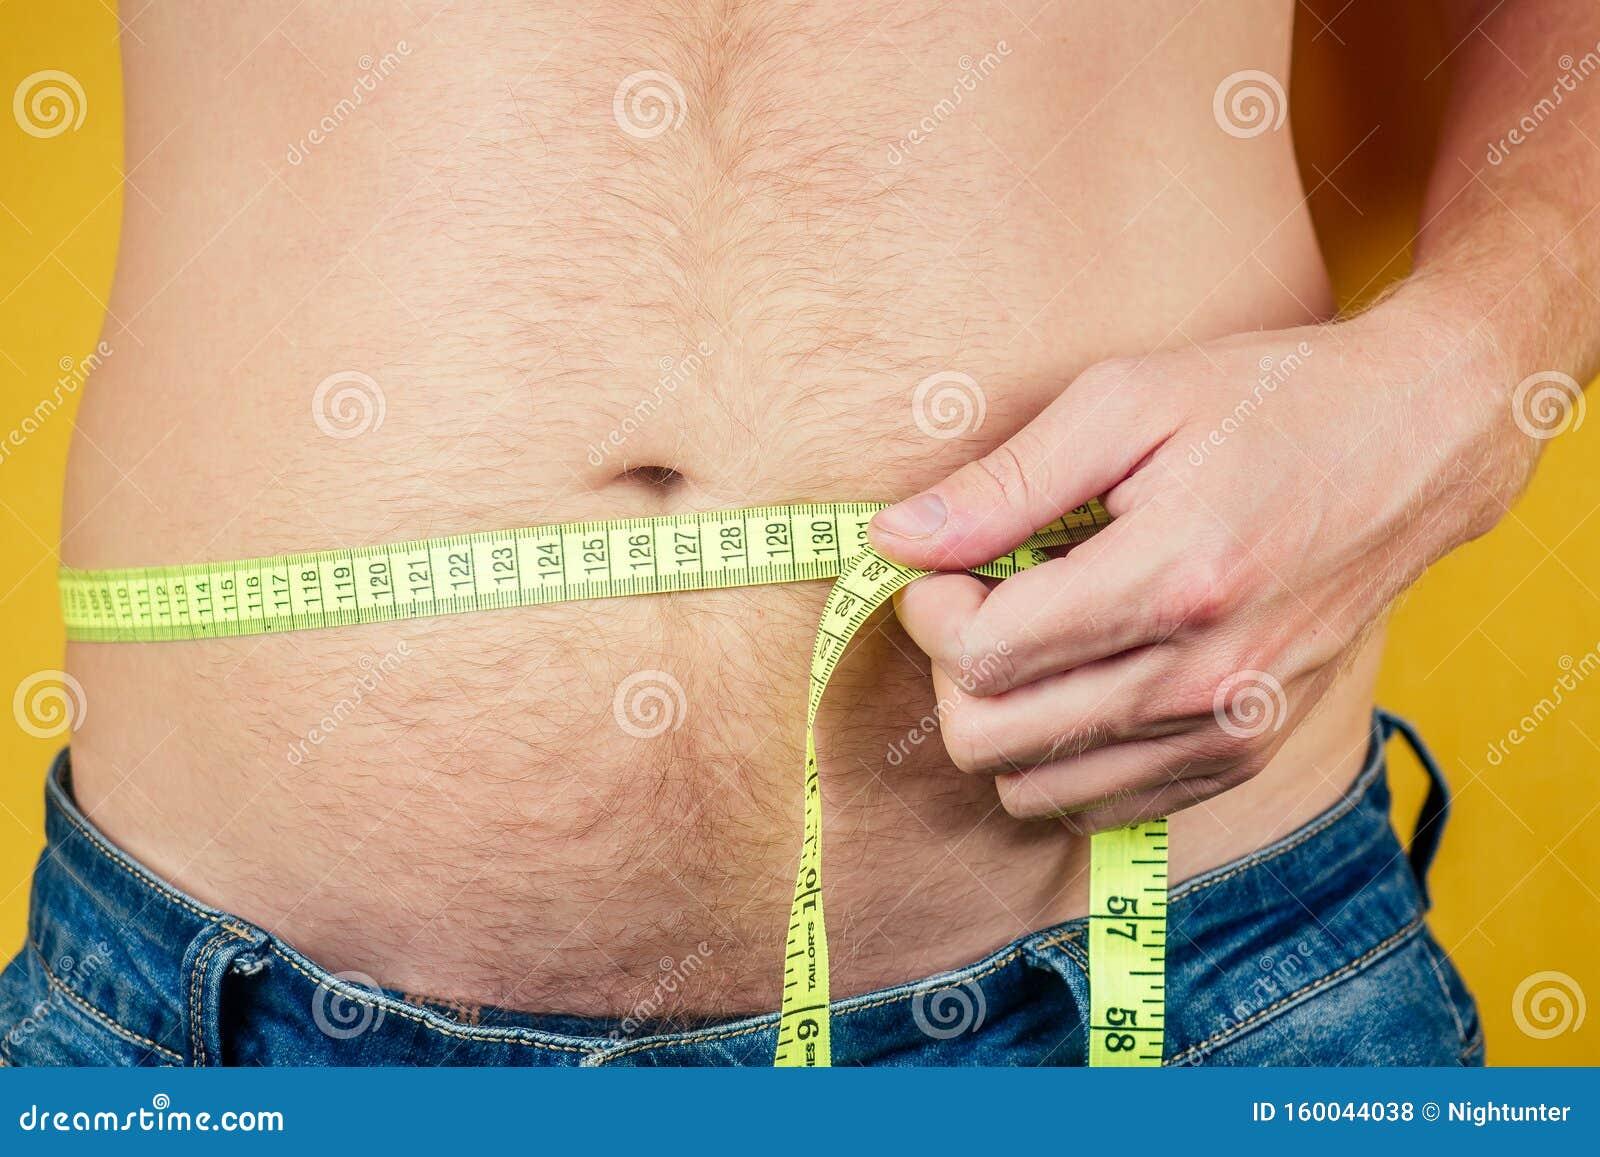 Mann dicker bauch dünn aber Aufgeblähter Bauch